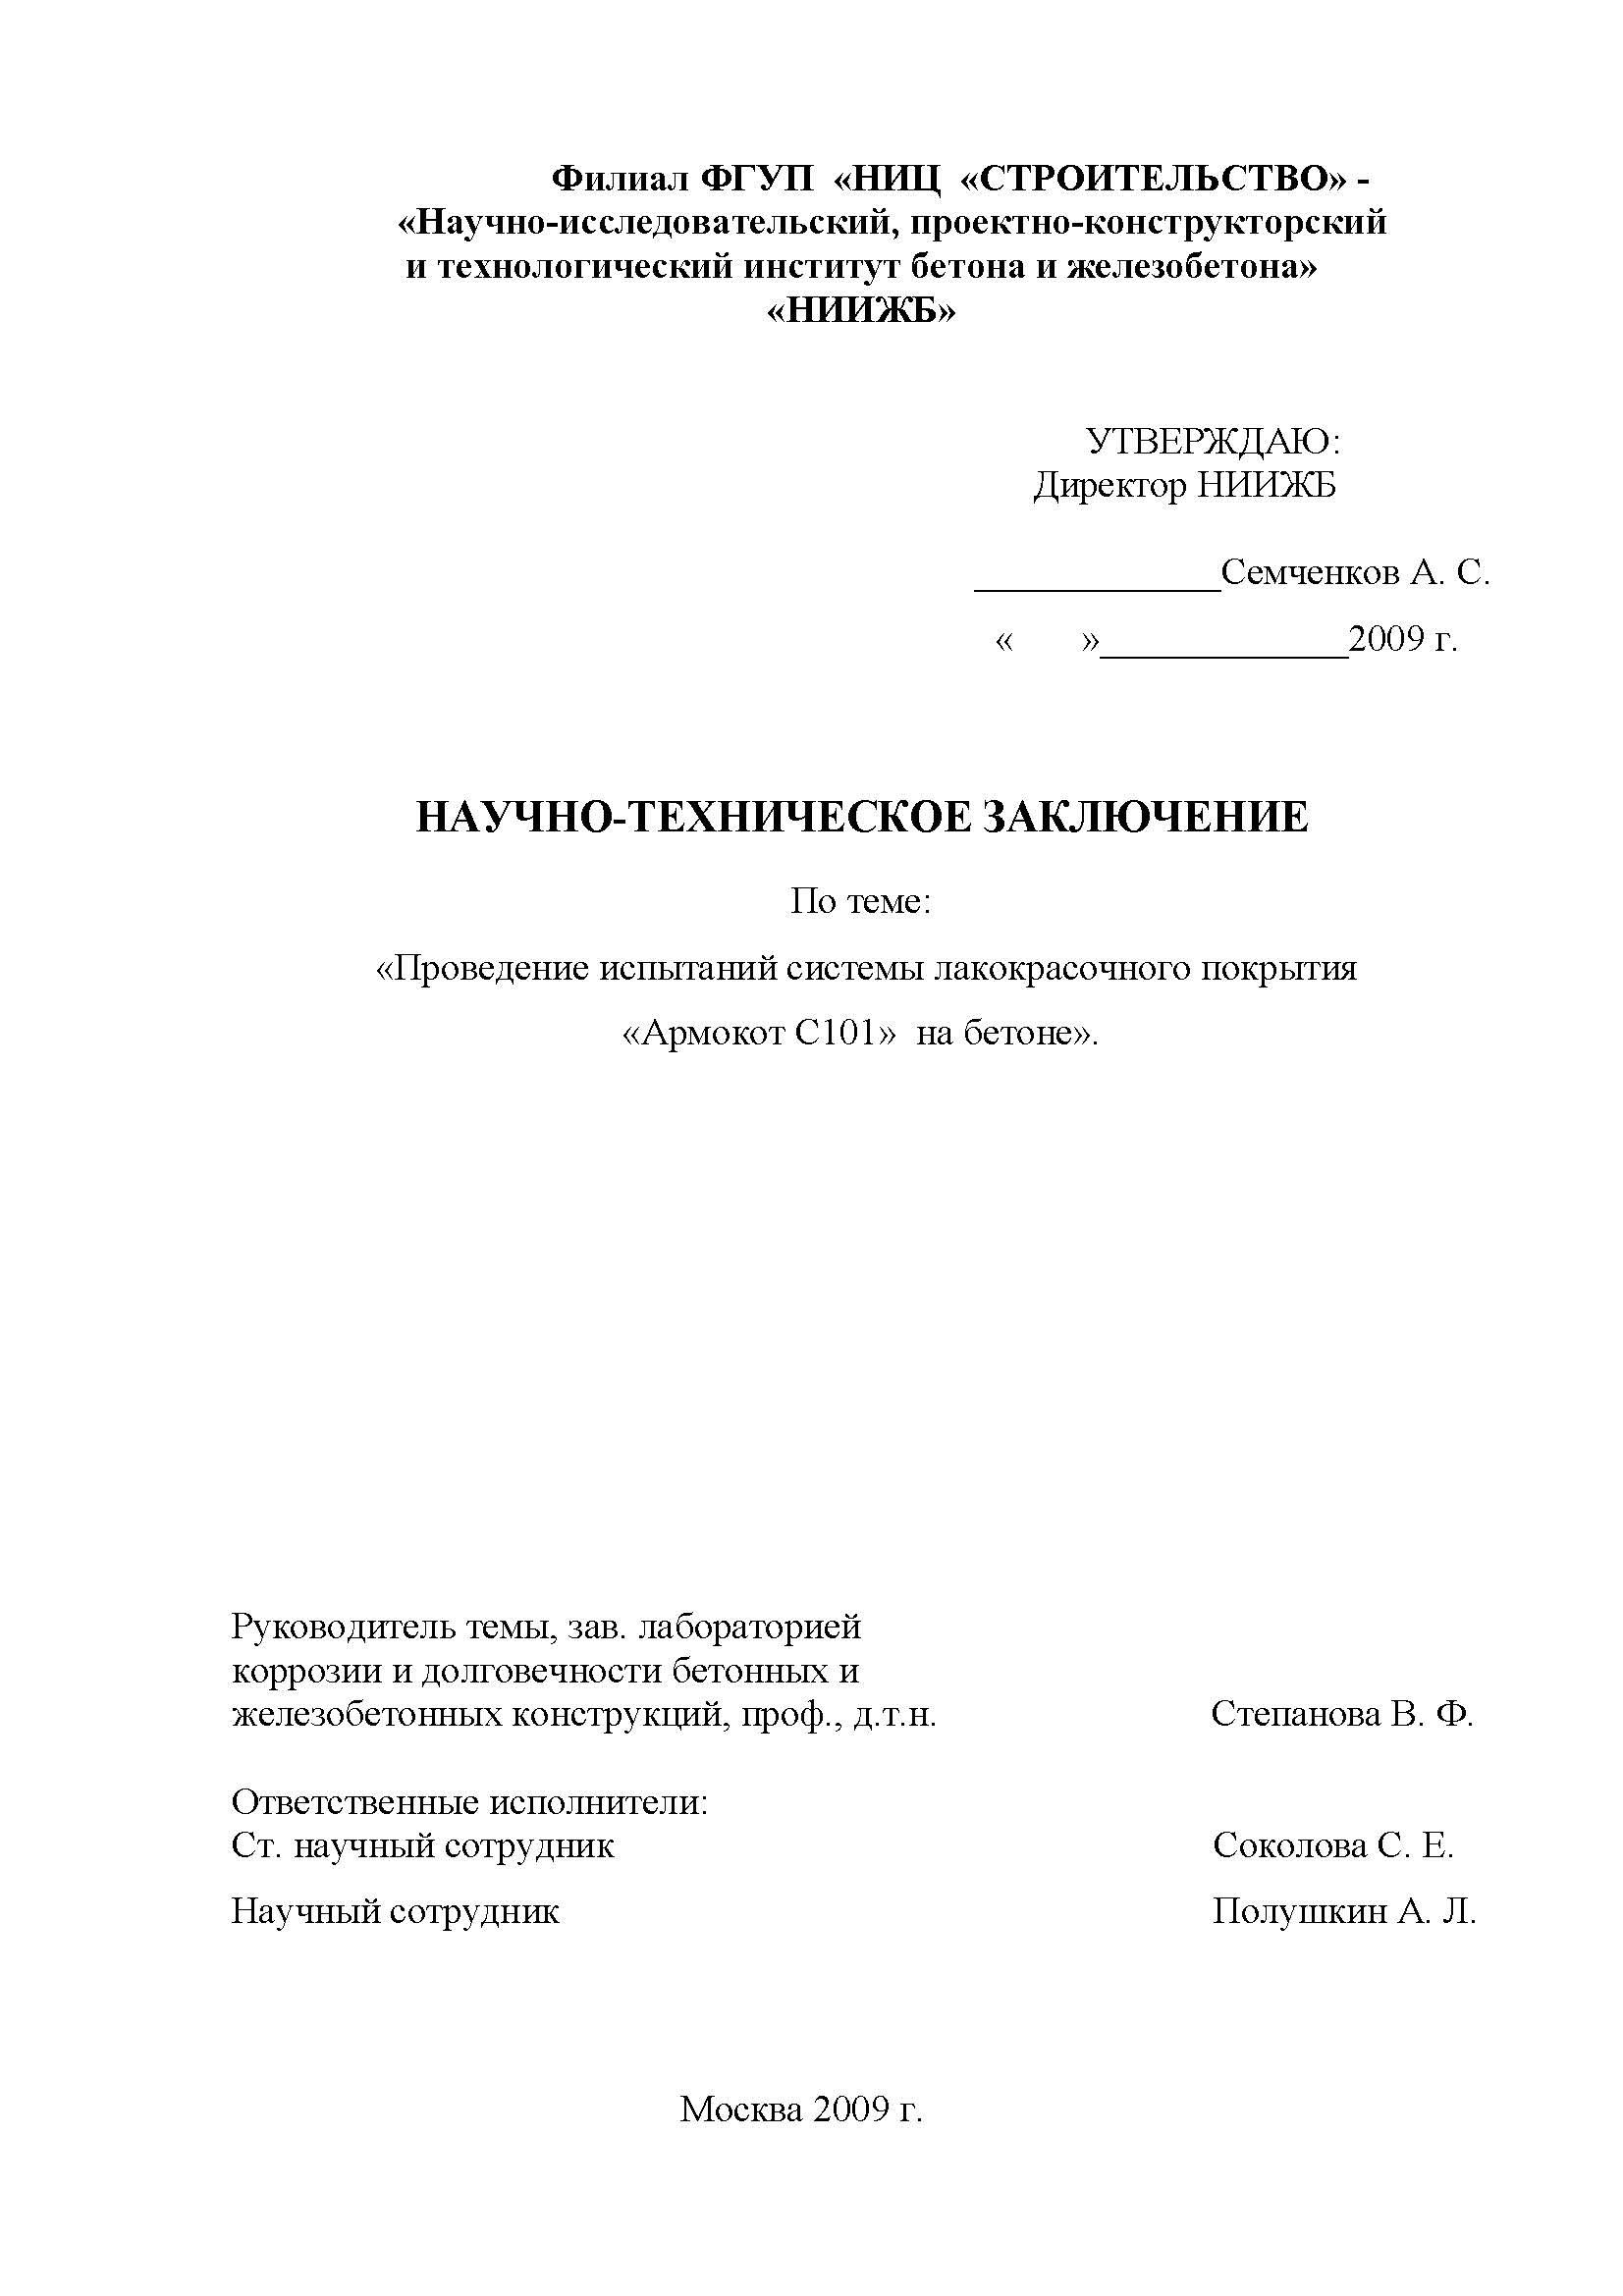 Заключение Морозов-КТБ Армокот С101_Страница_01